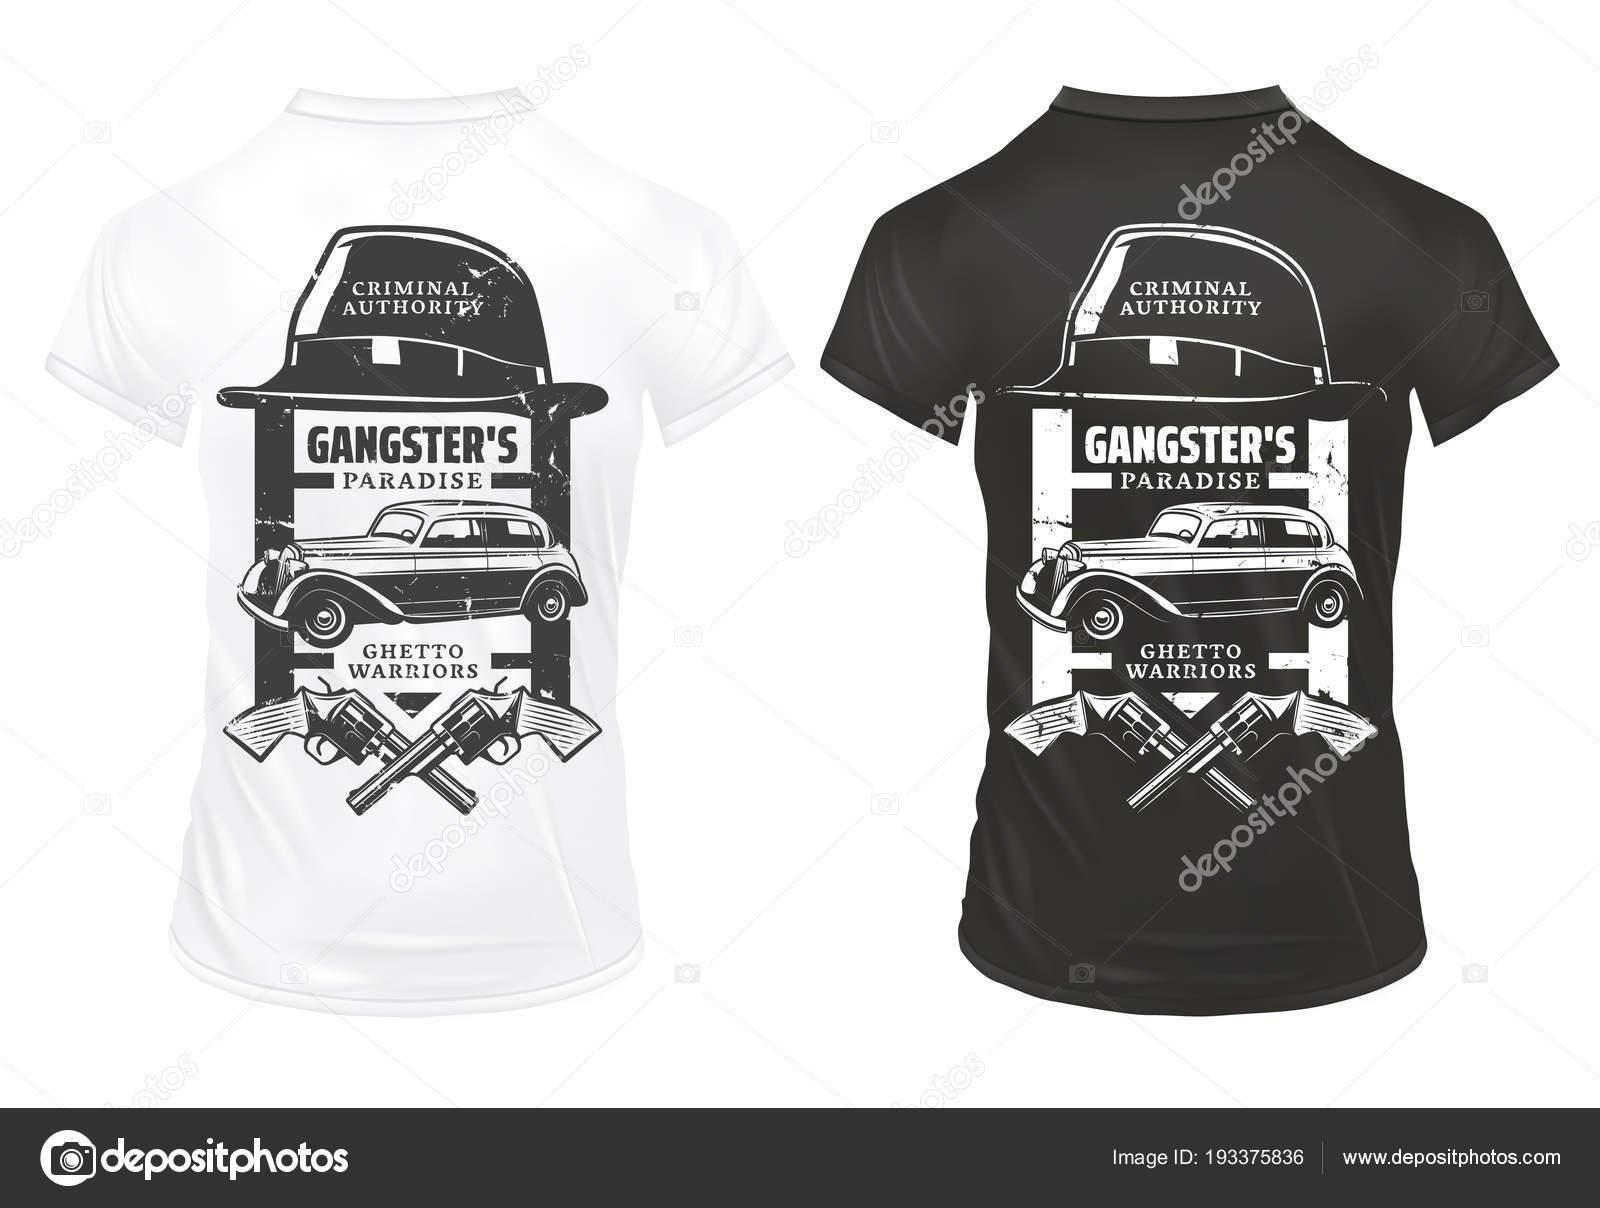 Plantilla de gángster Vintage impresiones en camisetas con inscripciones  sombrero cruzado revólveres mafia autos retro aislada vector ilustración —  Vector ... 804992a6529eb